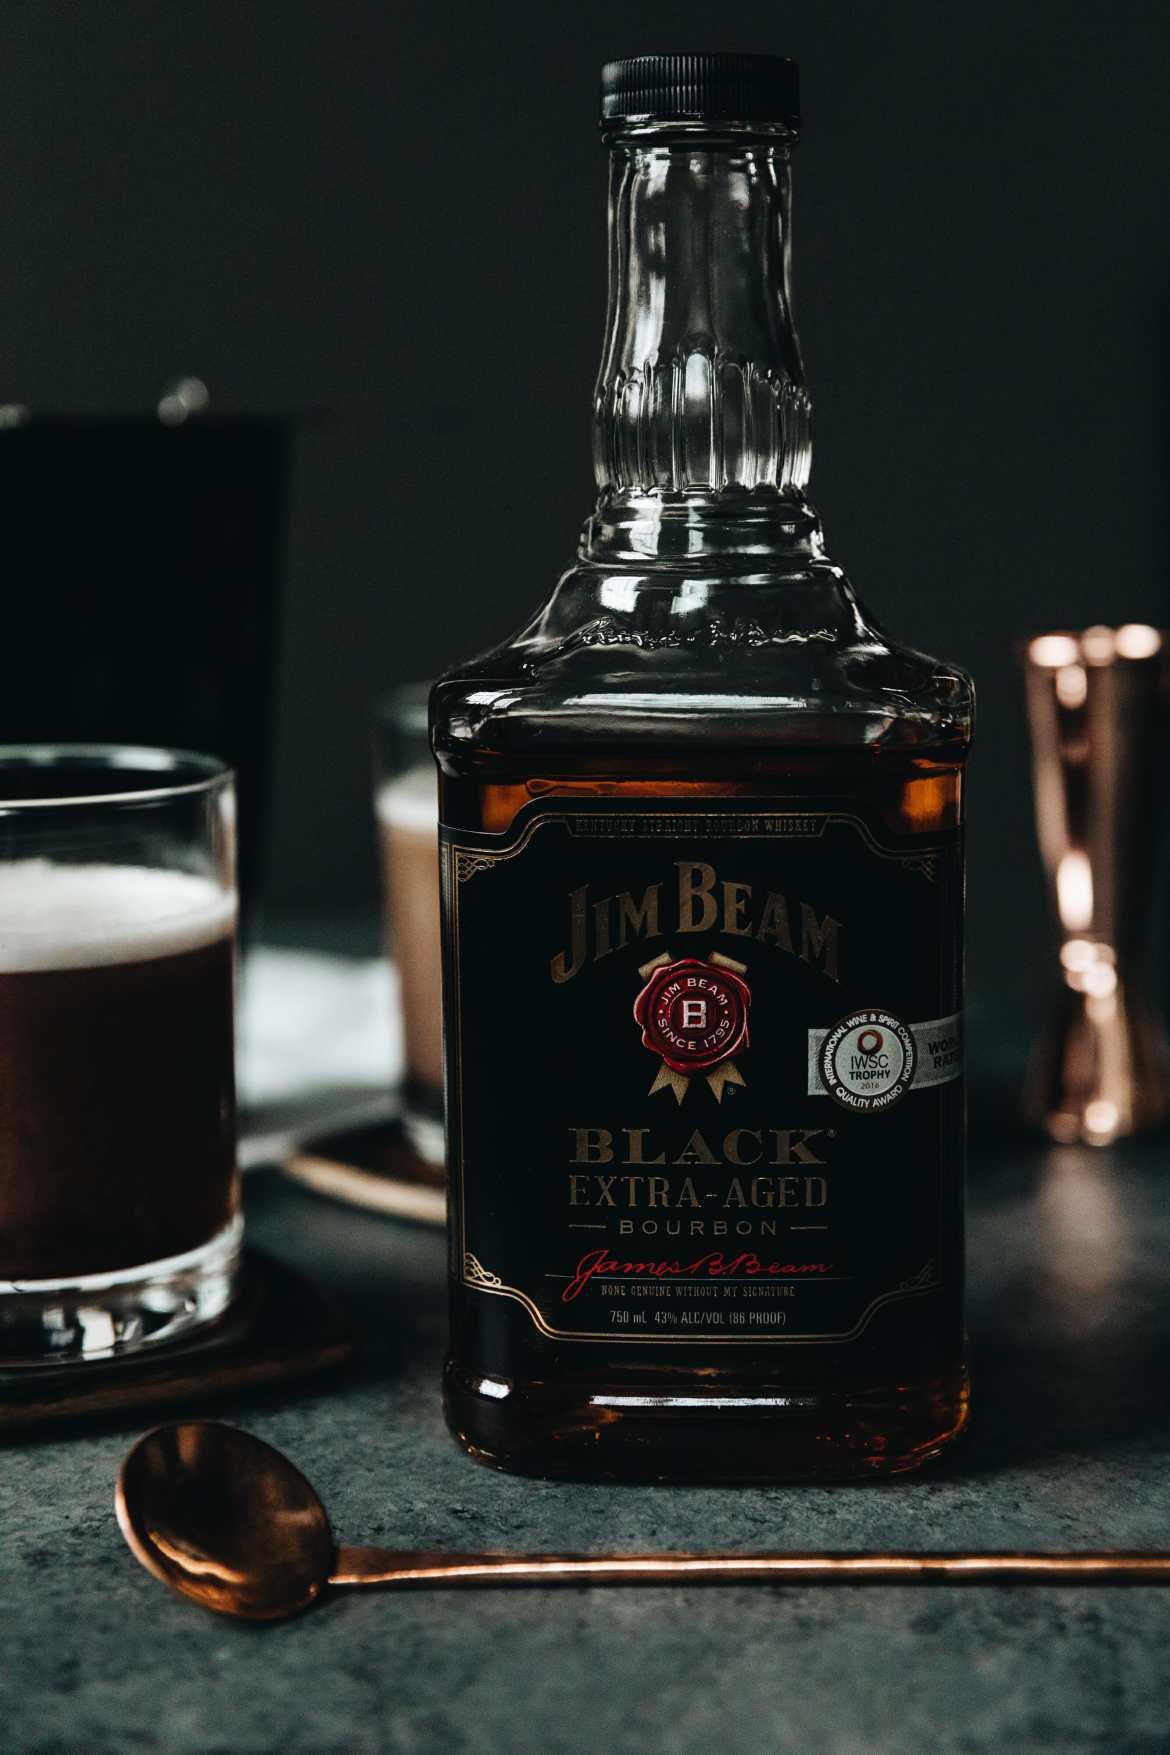 jim beam black bottle